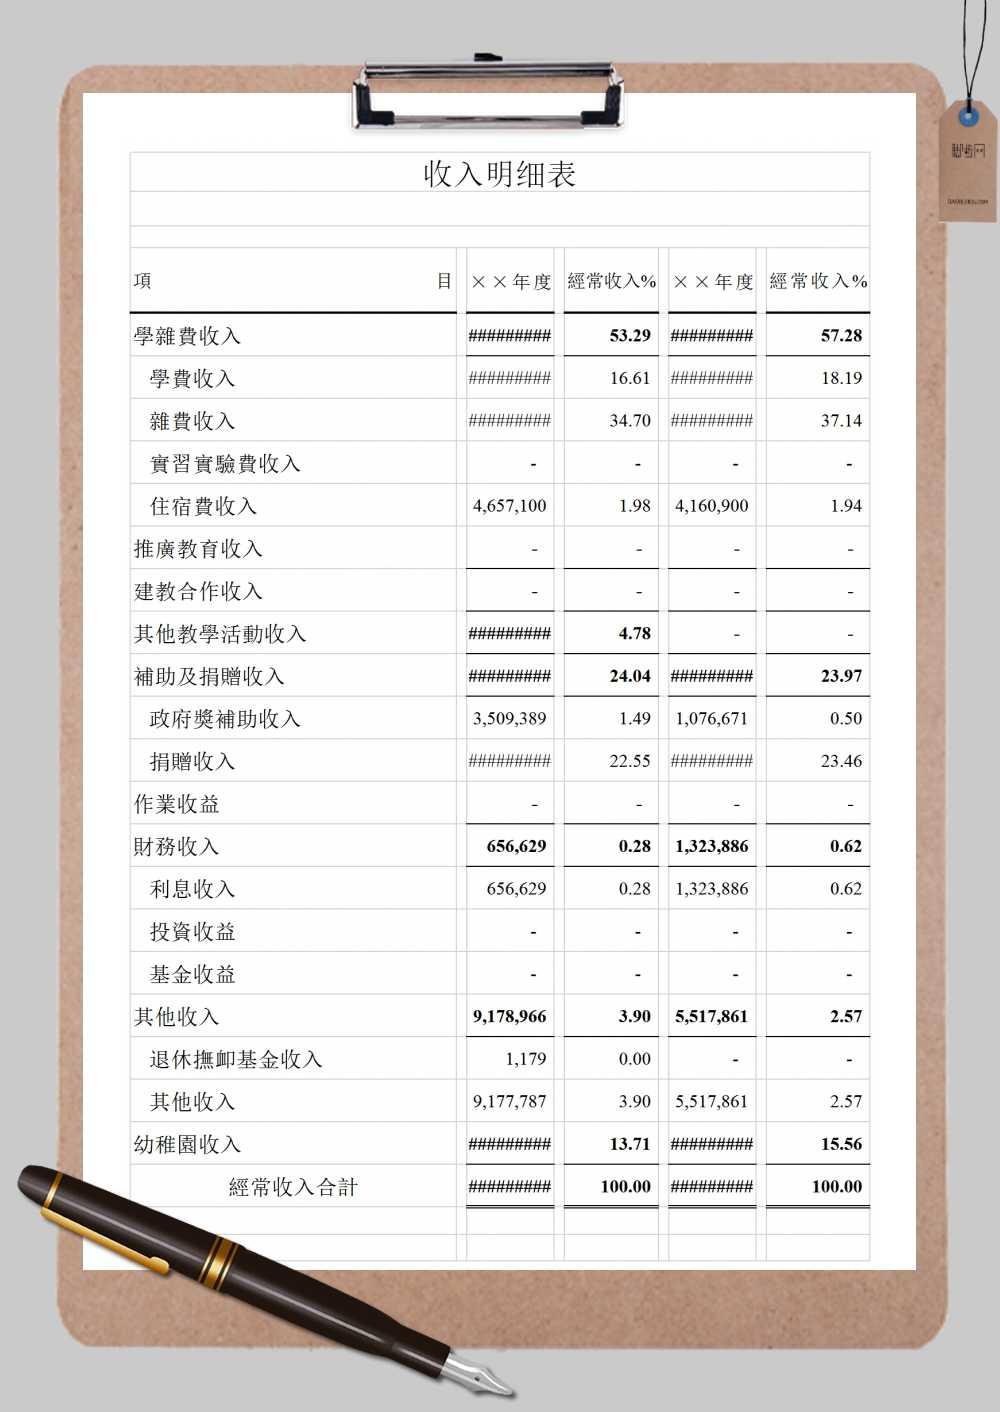 学校收入明细表表格通用范本Excel模板